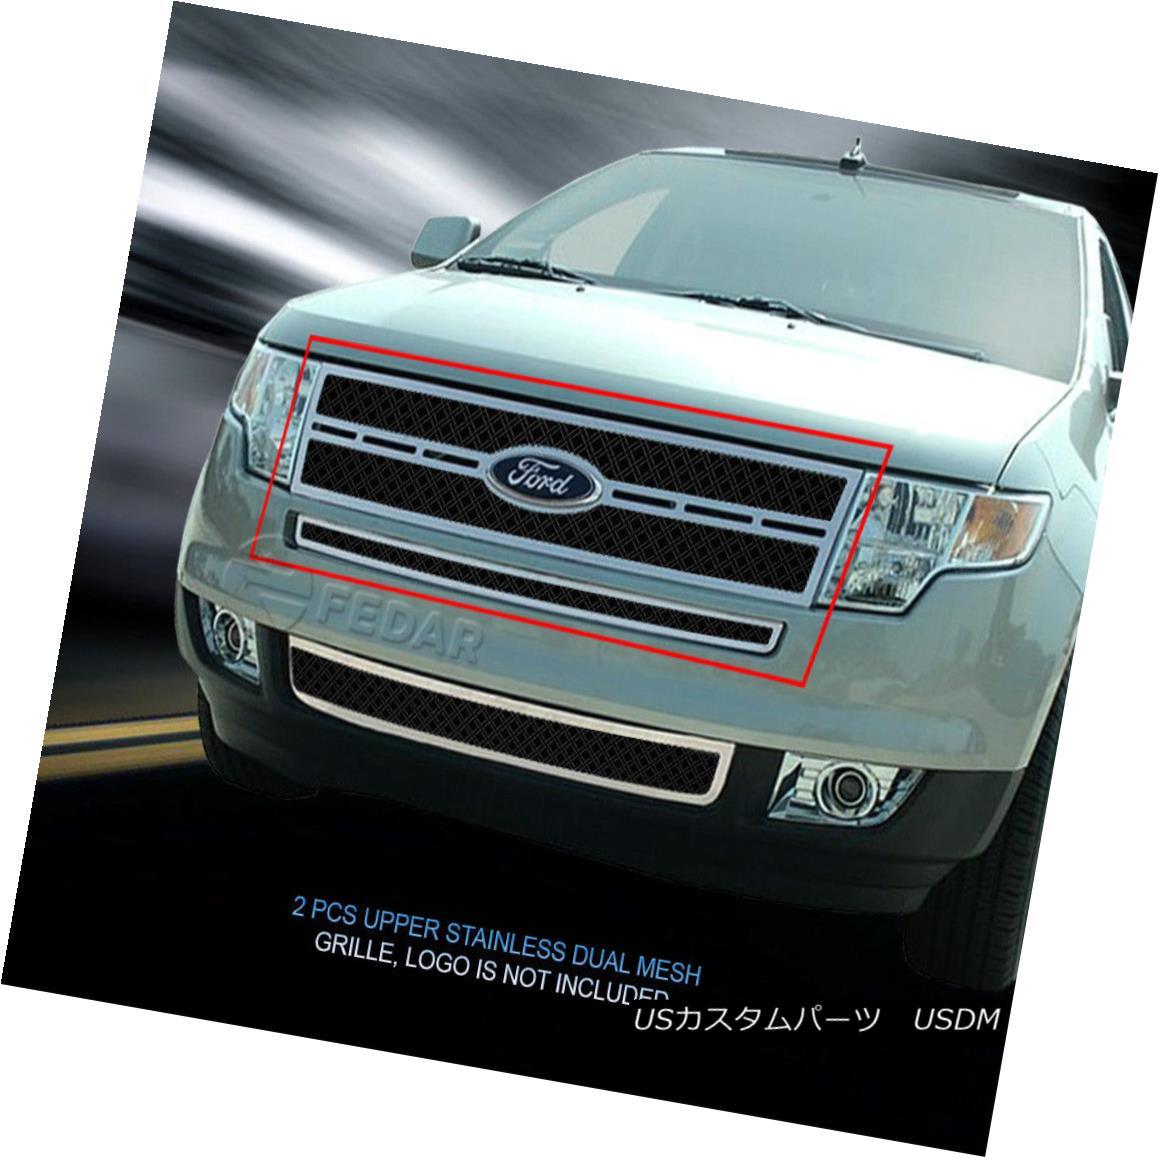 グリル Fedar Fits 2007-2010 Ford Edge Black/Polished Dual Weave Mesh Grille Insert Fedarは2007-2010 Ford Edge Black / Polishedデュアルウィーブメッシュグリルインサート